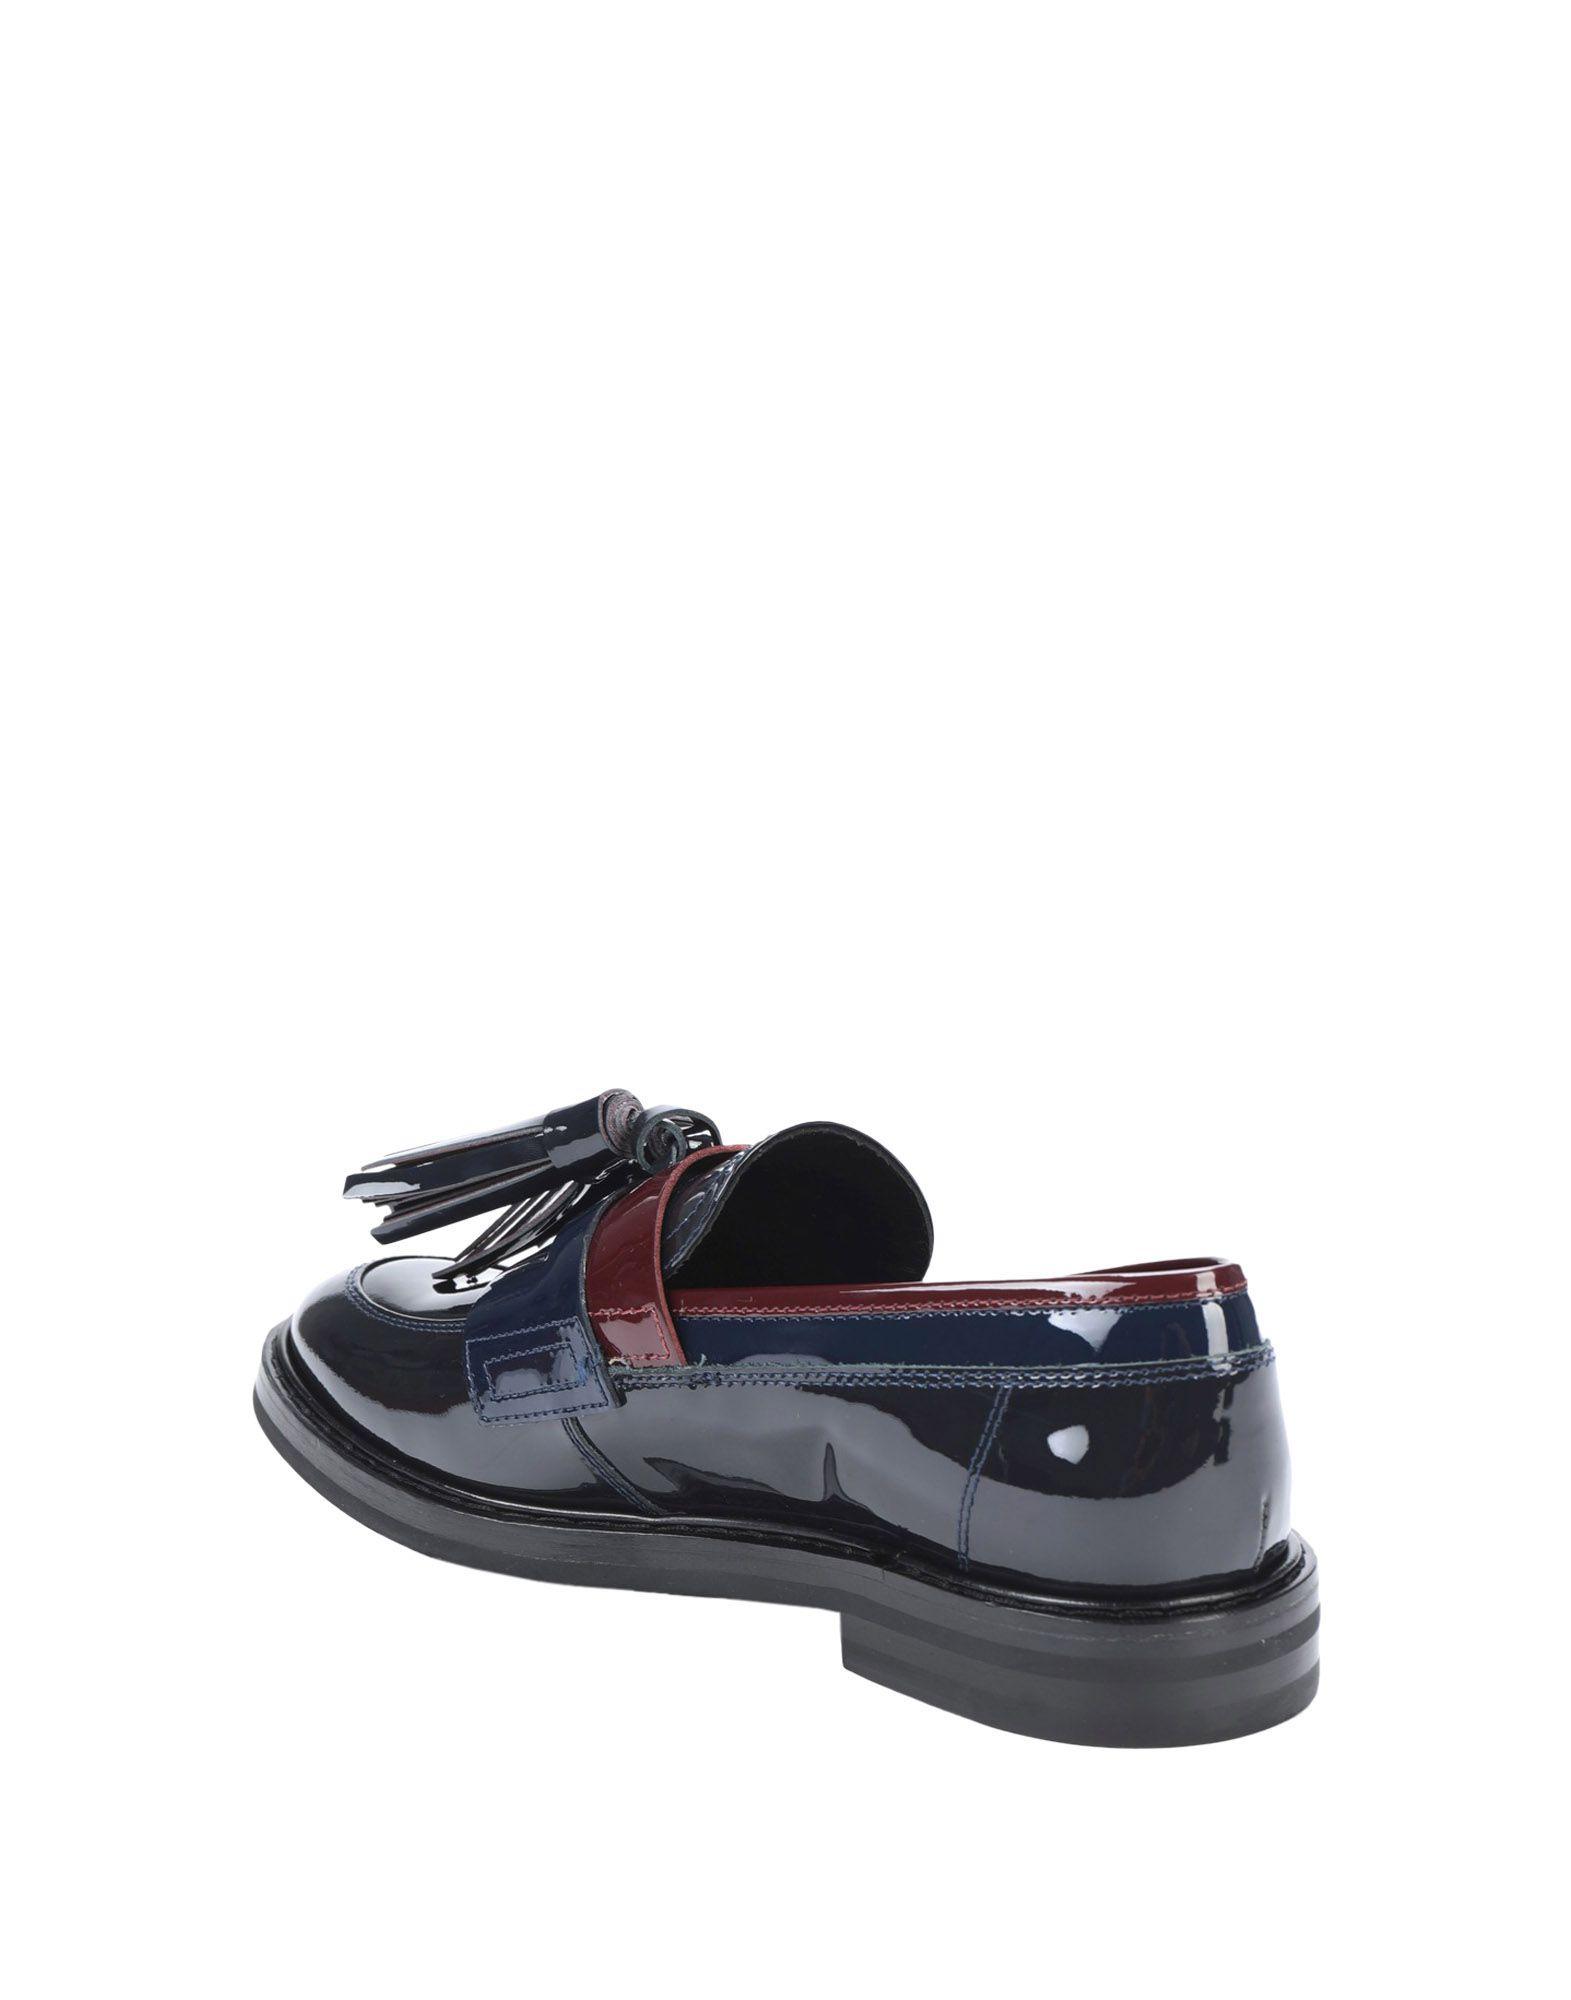 Agl Attilio Giusti Leombruni Mokassins aussehende Damen  11555137AKGünstige gut aussehende Mokassins Schuhe aeec68